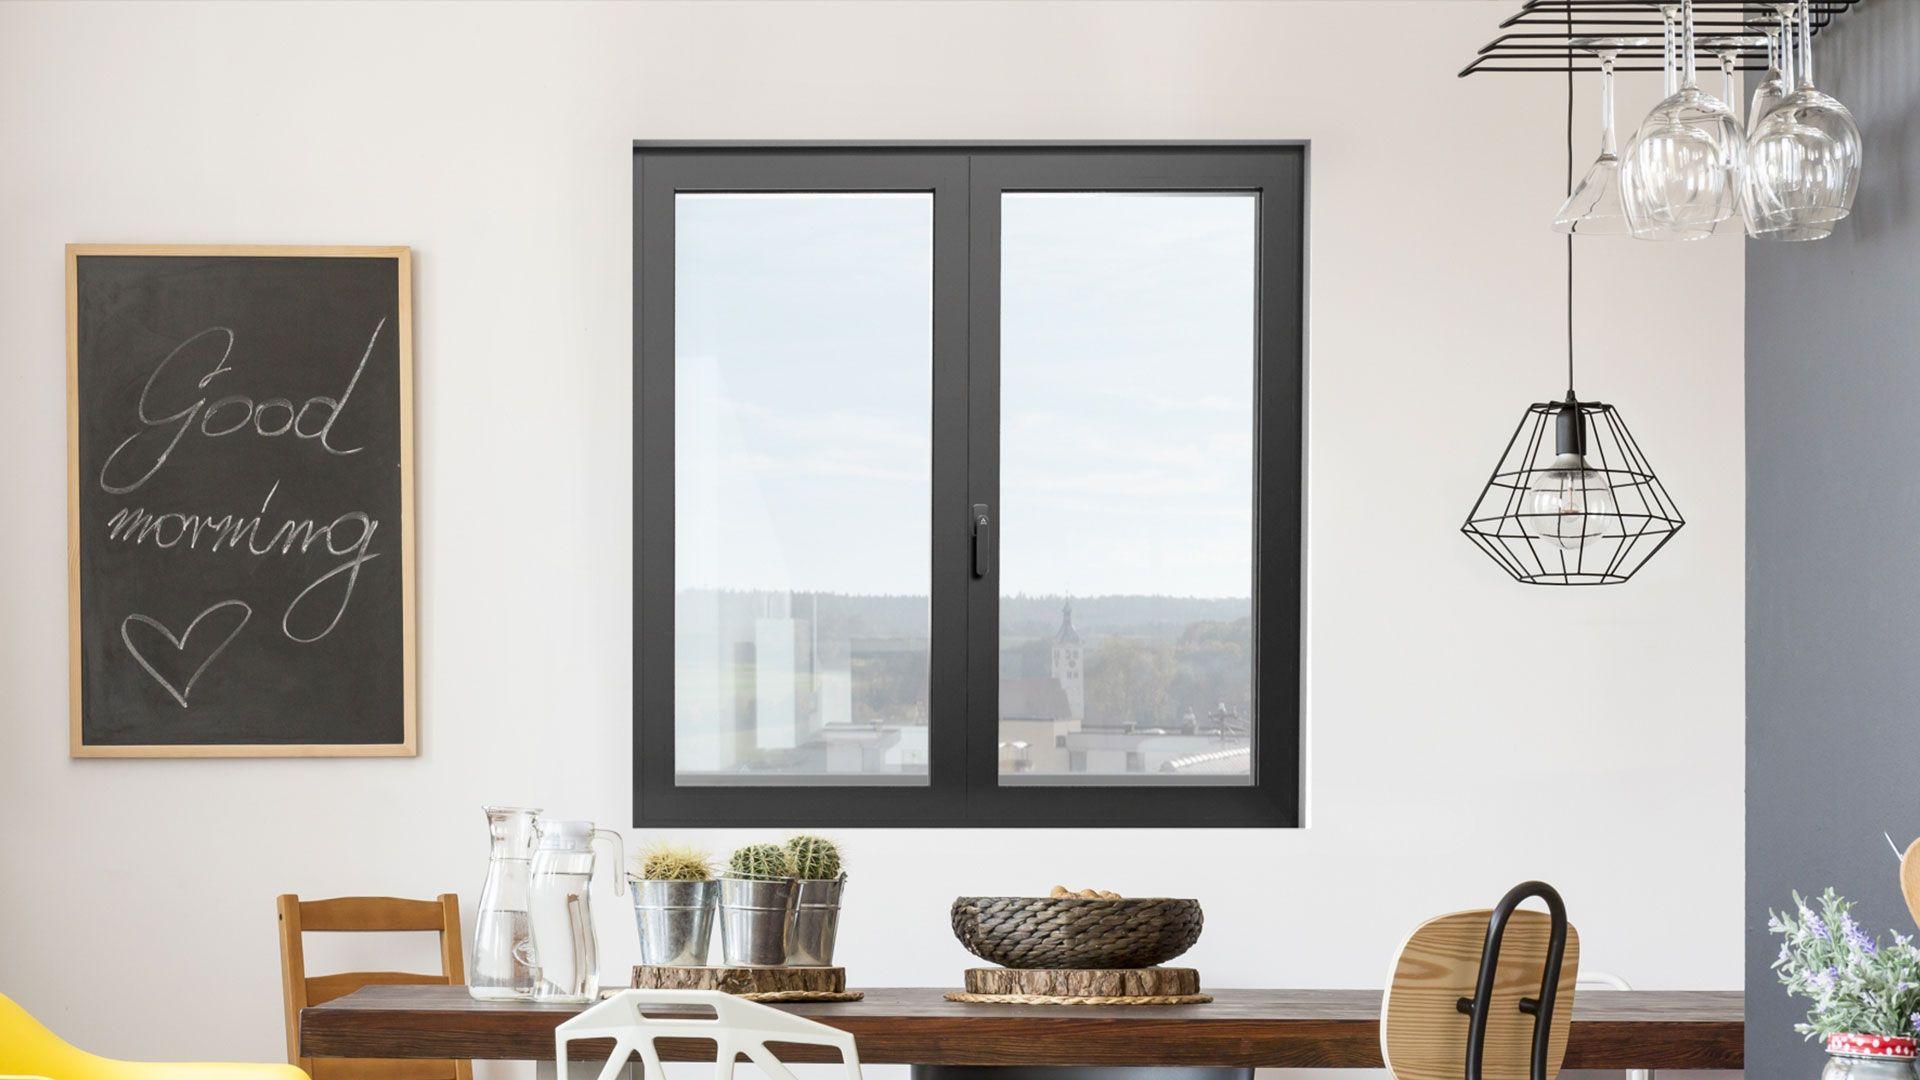 aluminios vicel ventanas puertas cerramientos pvc y aluminio en fuenlabrada de los montes badajoz